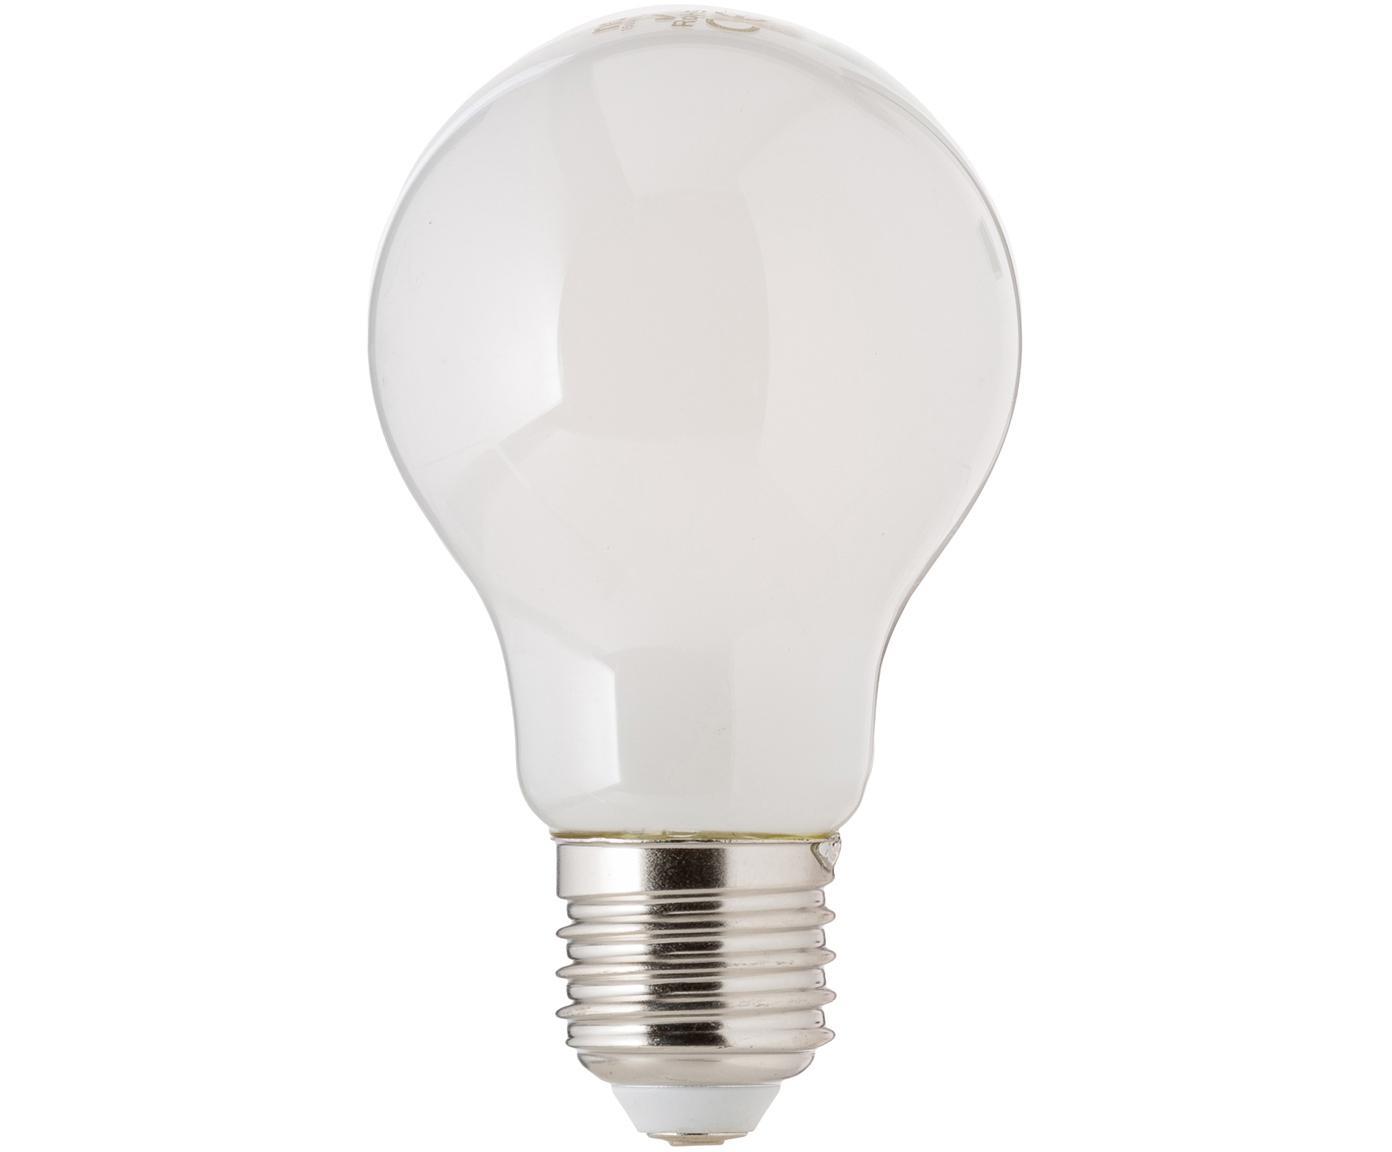 Dimmbare LED Leuchtmittel Bafa (E27/8.3W), 3 Stück, Leuchtmittelschirm: Kunststoff, Leuchtmittelfassung: Aluminium, Weiss, Ø 8 x H 10 cm